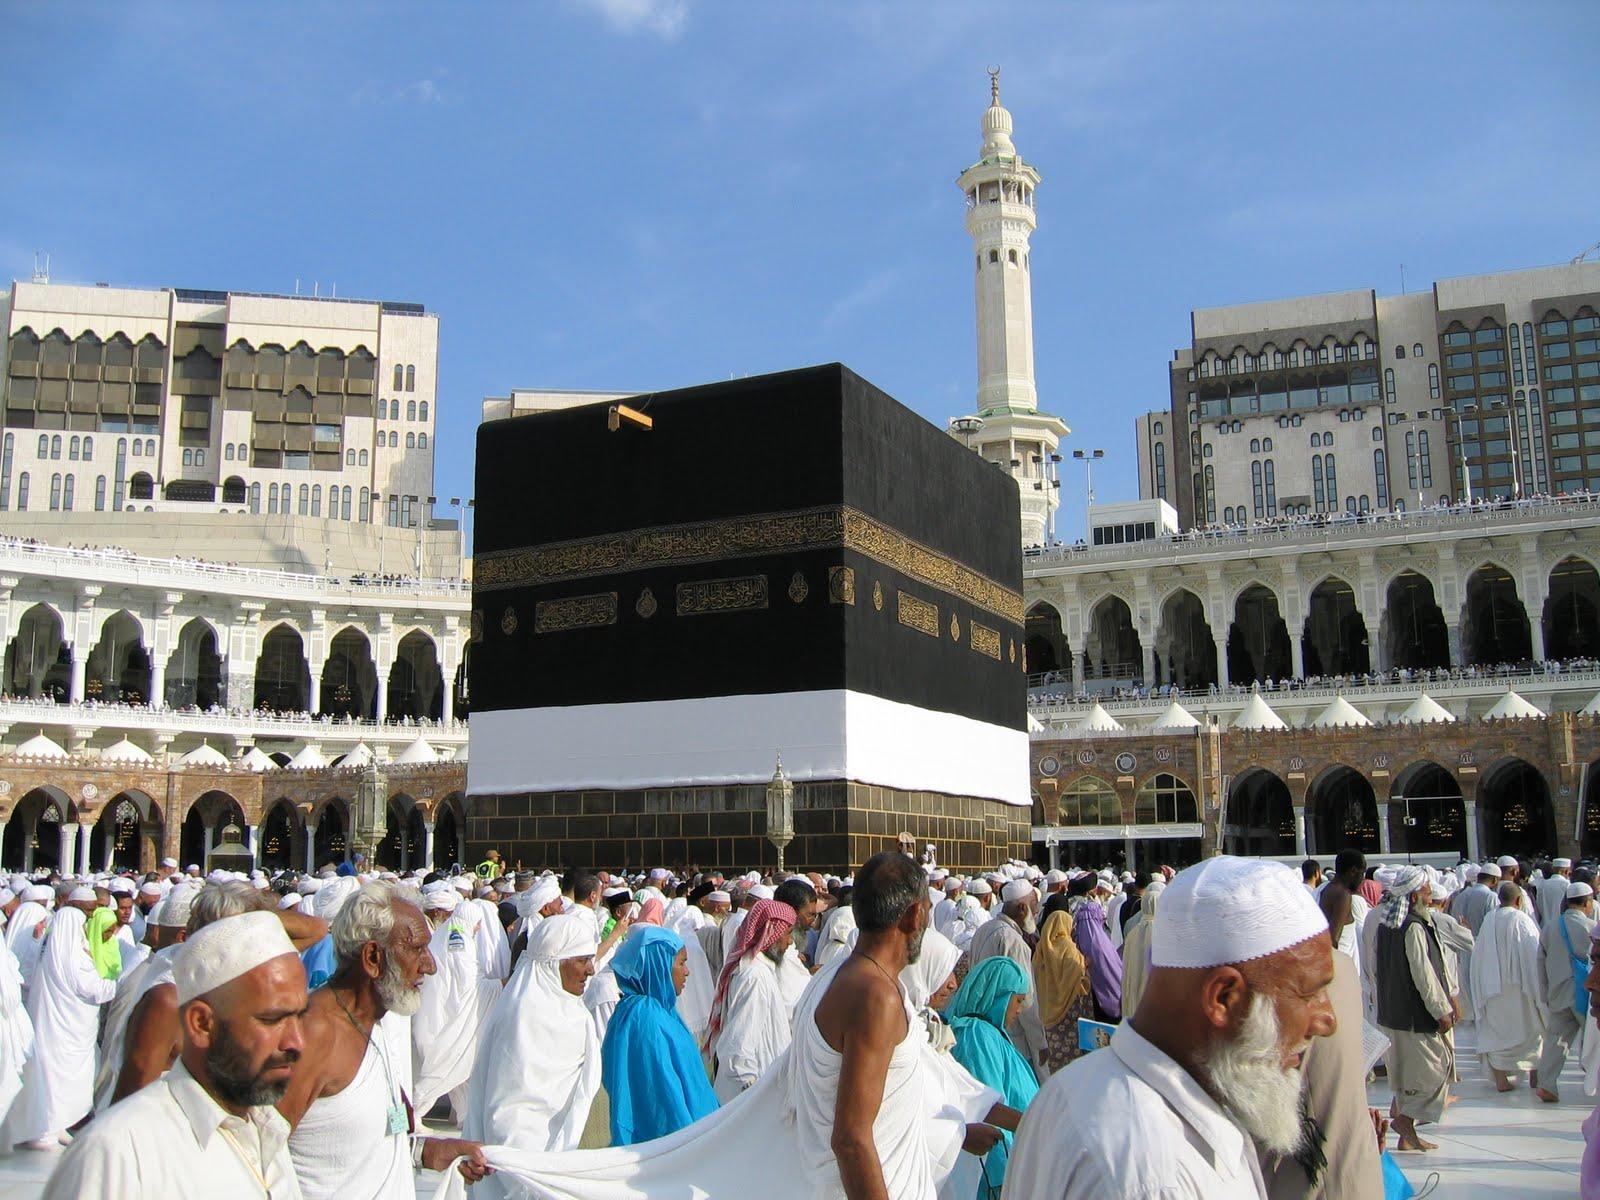 http://2.bp.blogspot.com/-xZ8dr4rtdMg/T23vtucfrCI/AAAAAAAAFkI/ZRwqzjipV_c/s1600/Mecca.jpg